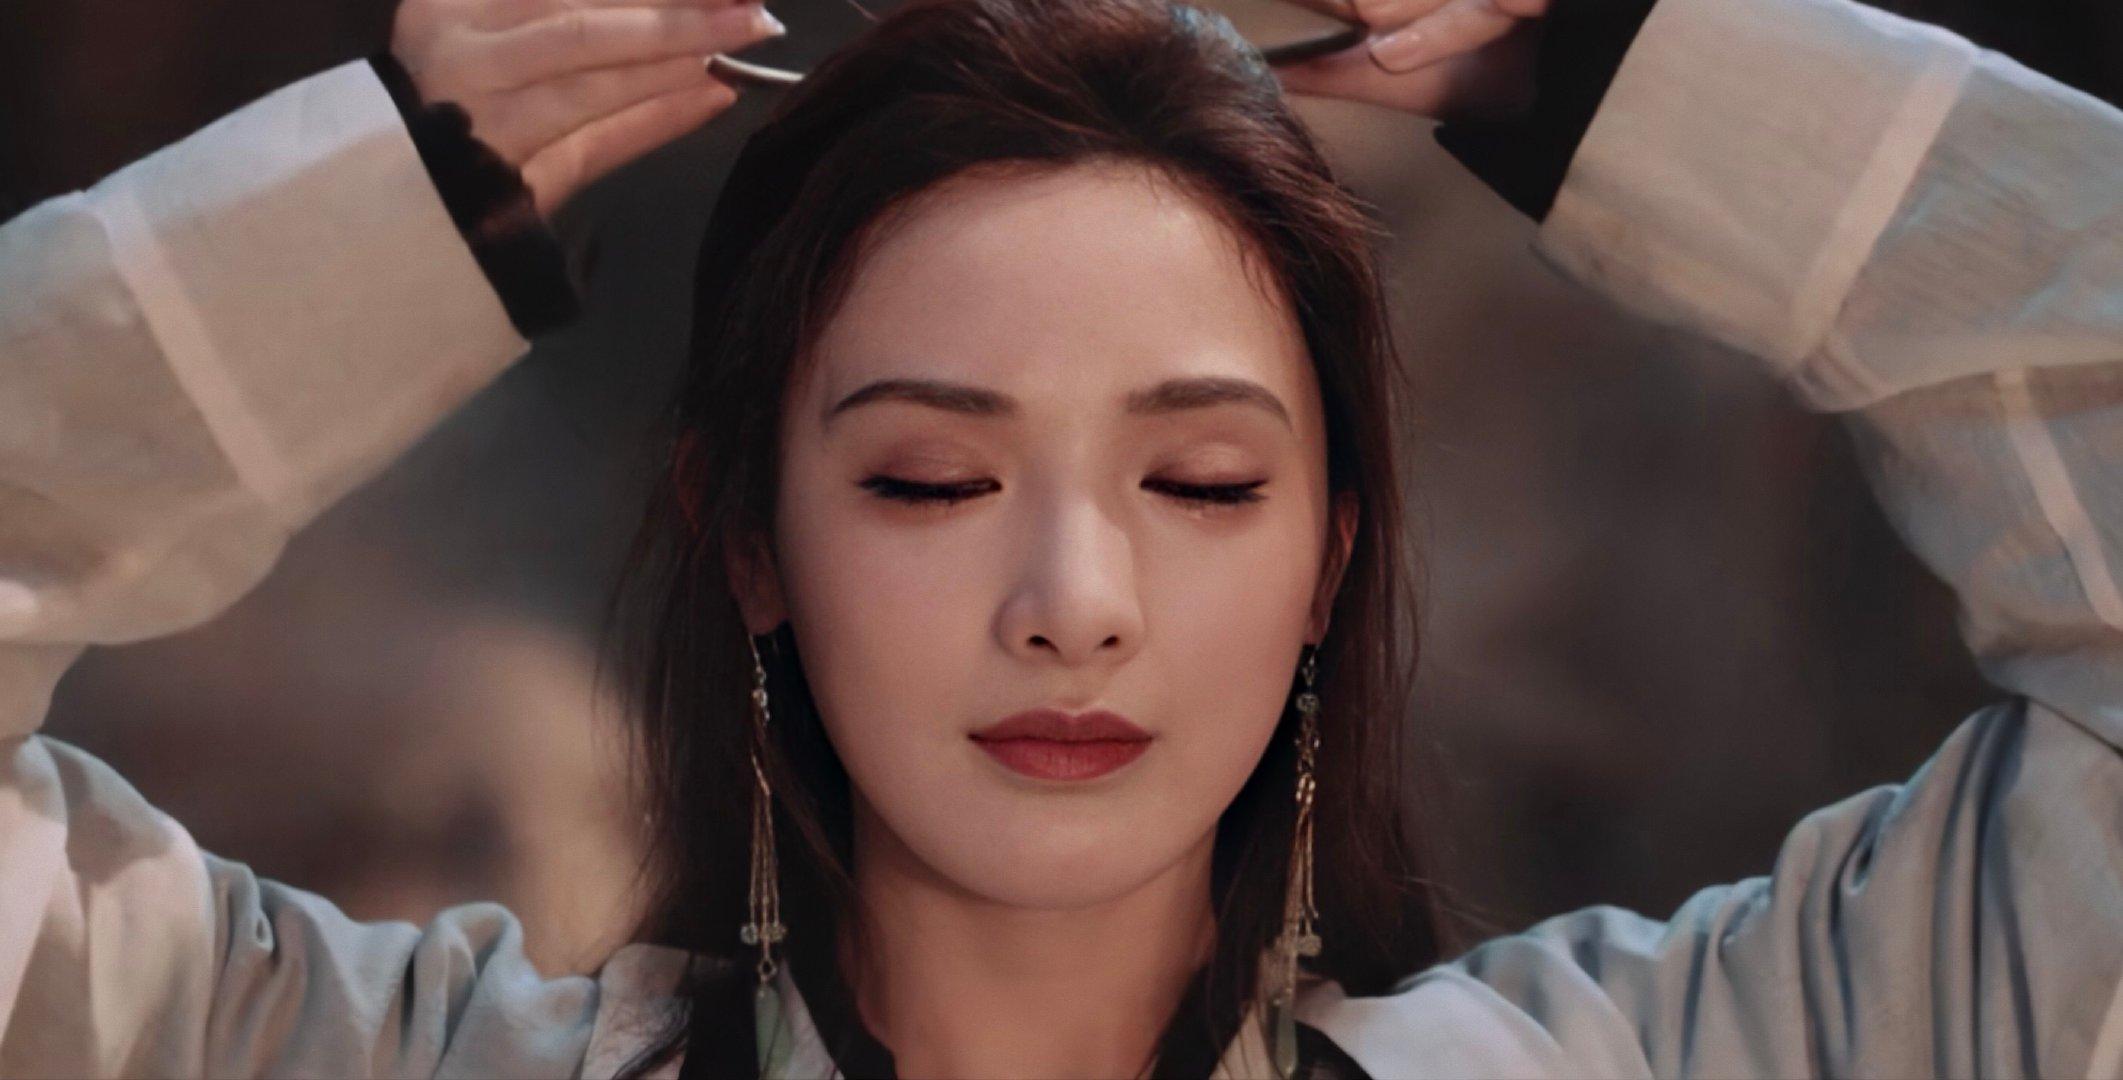 彭小苒《演员请就位》将演《大话西游》 出演紫霞仙子致敬经典